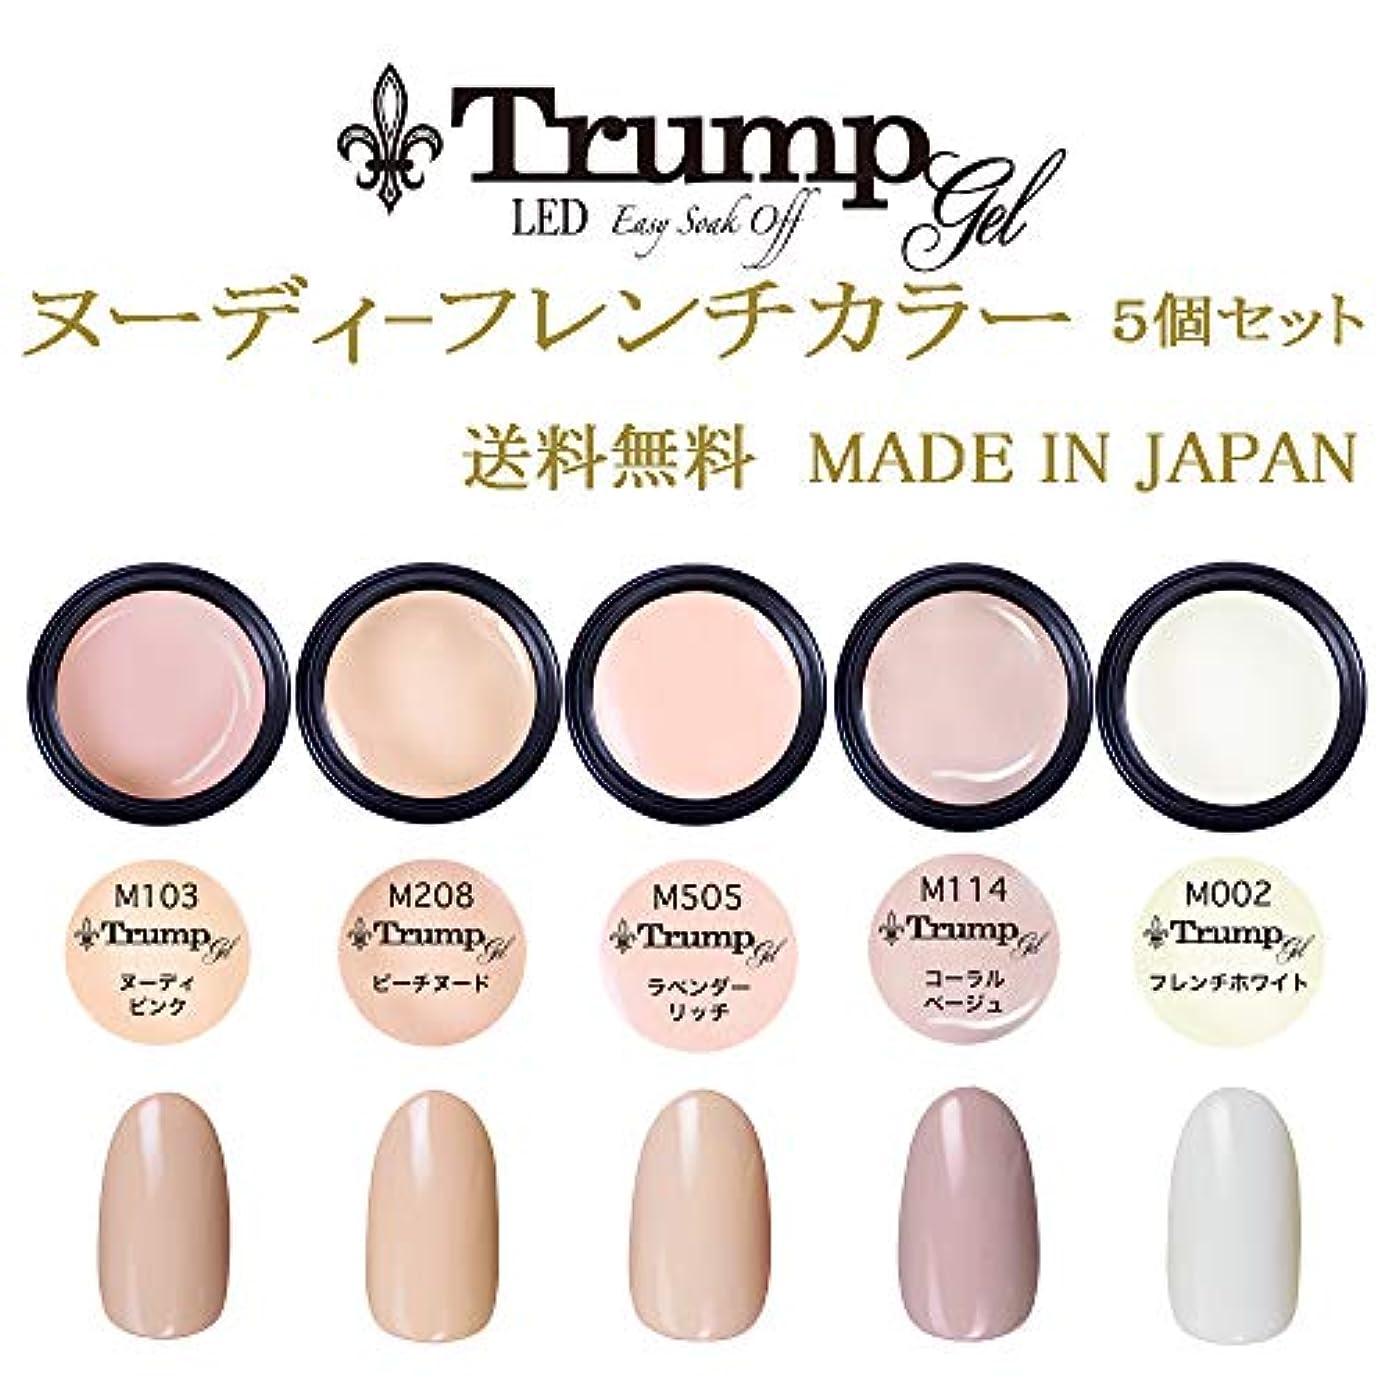 精緻化父方の矛盾する【送料無料】日本製 Trump gel トランプジェルヌーディフレンチカラージェル 5個セット 肌馴染みの良い ヌーデイフレンチカラージェルセット